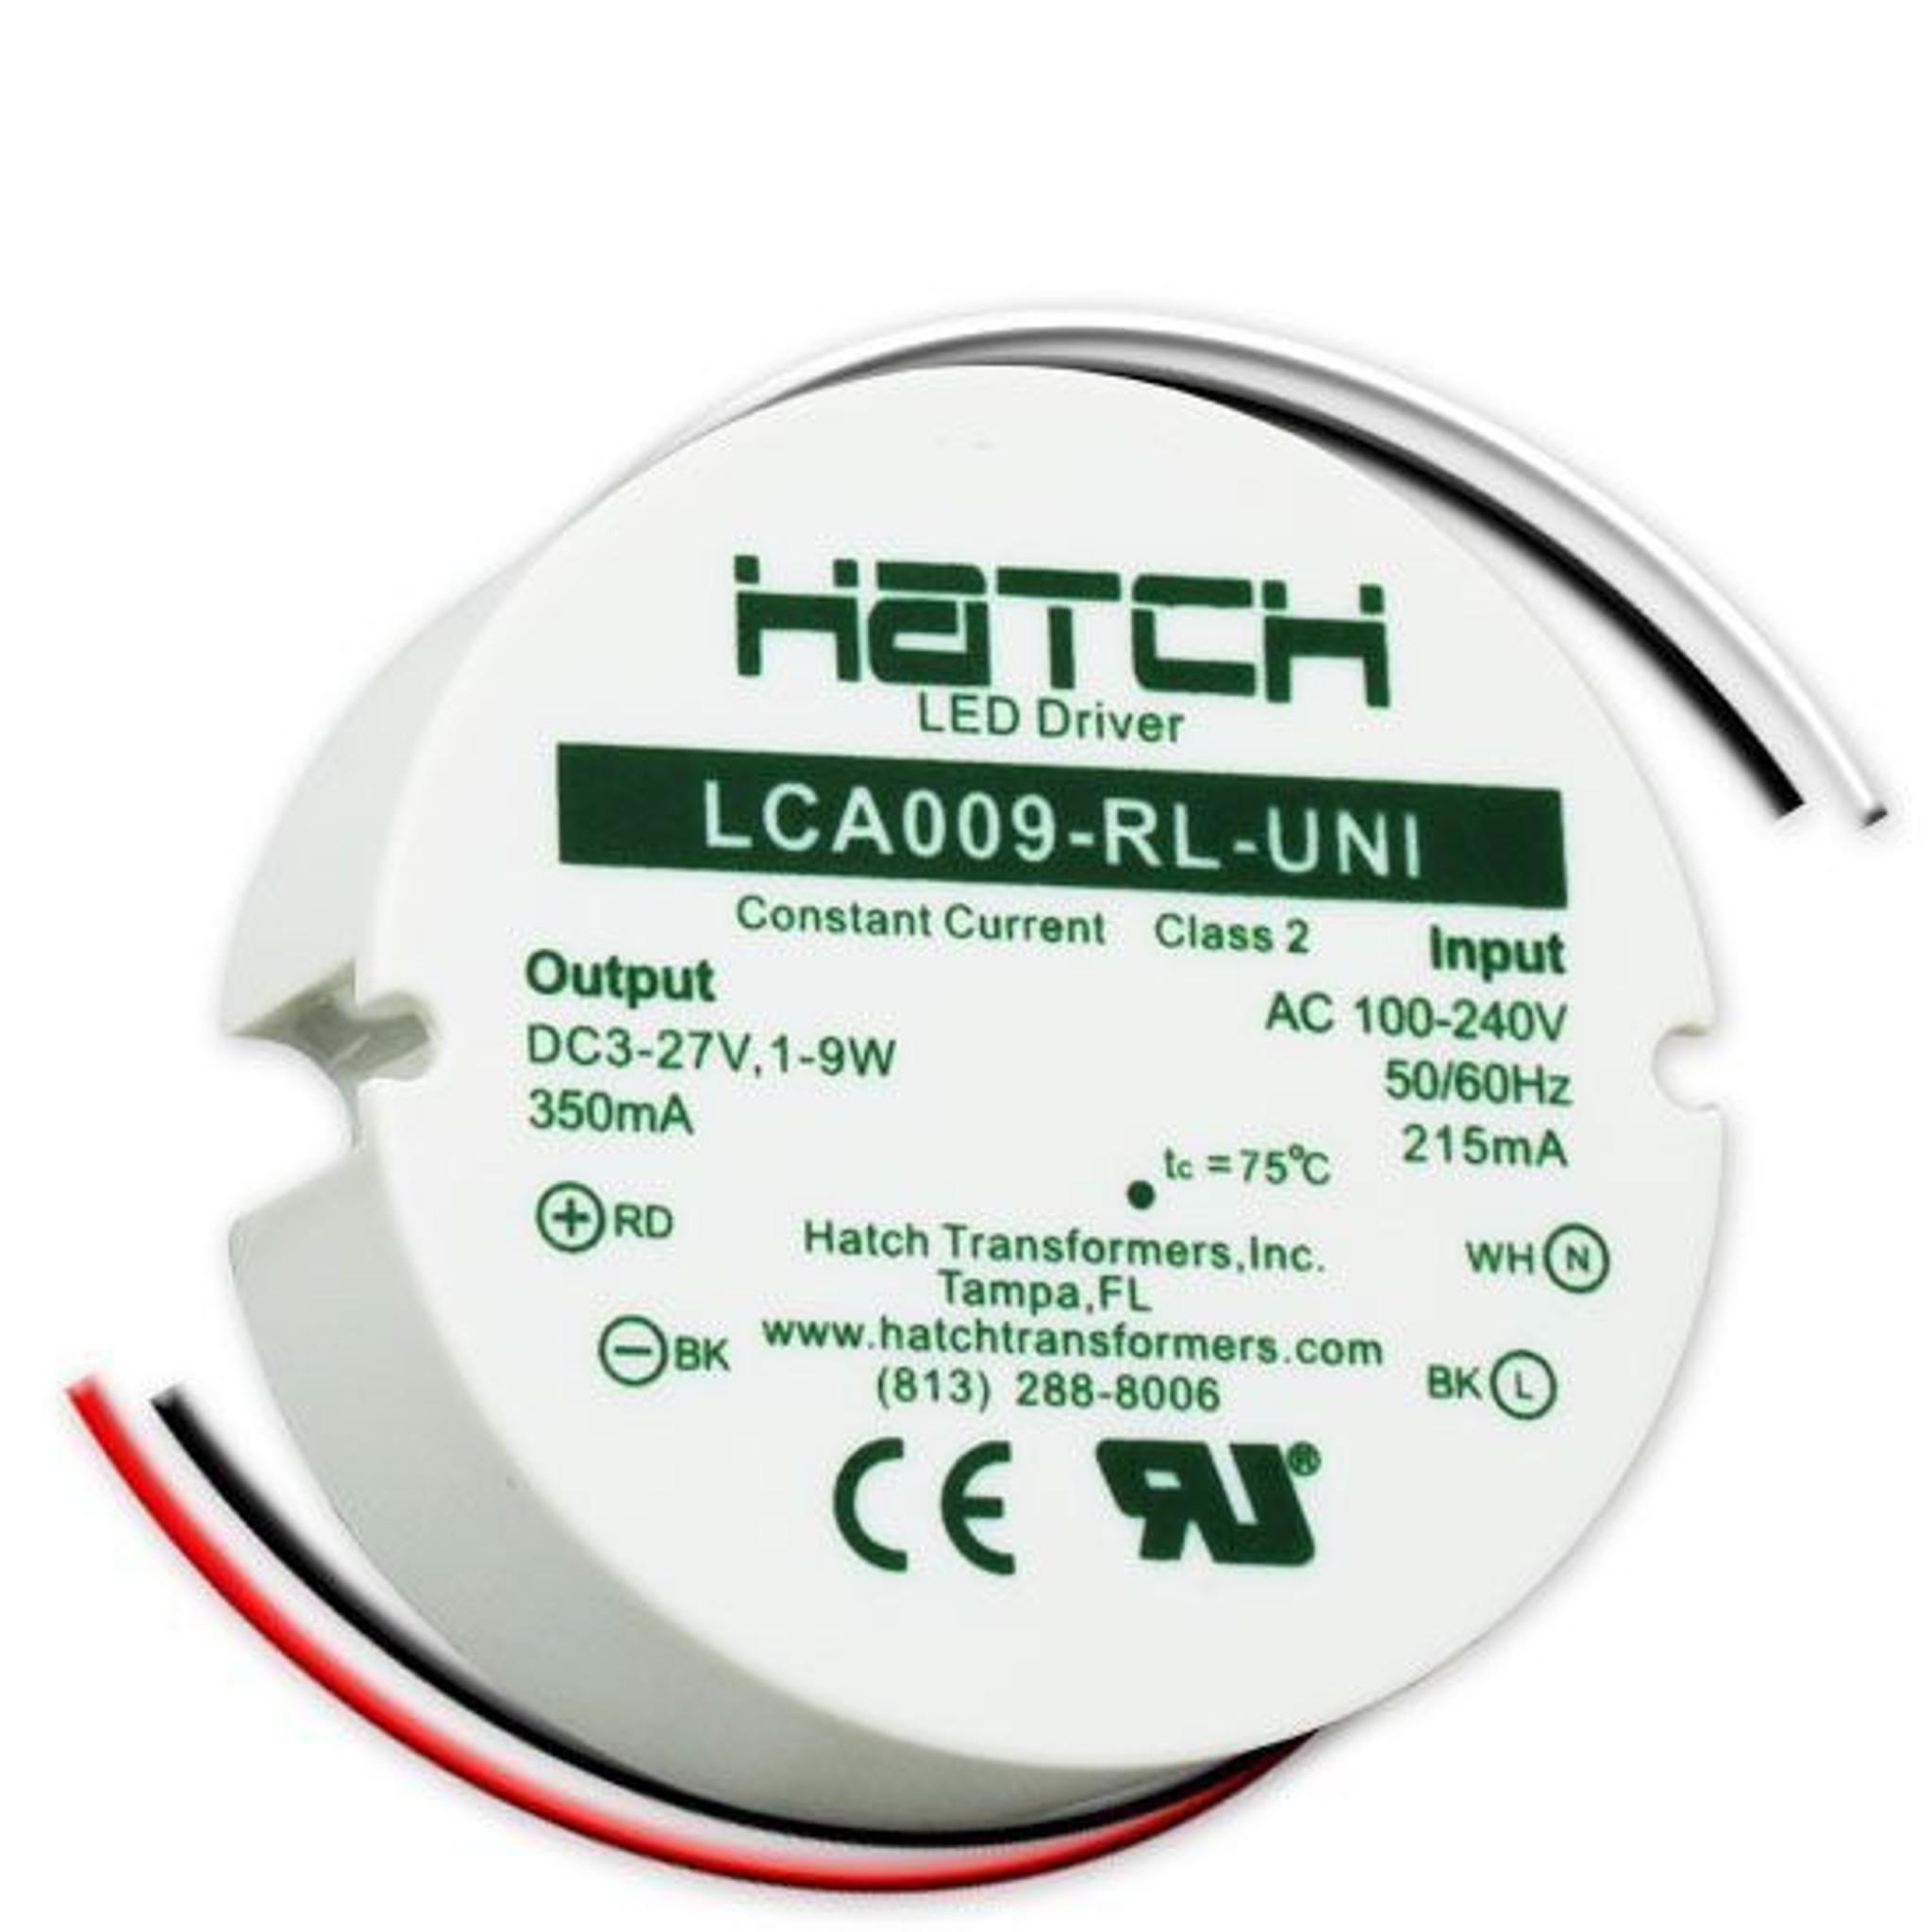 Hatch Led Drivers >> Hatch Lca009 Rl Uni Led Driver 1 9w Constant Current 350ma 3 27v